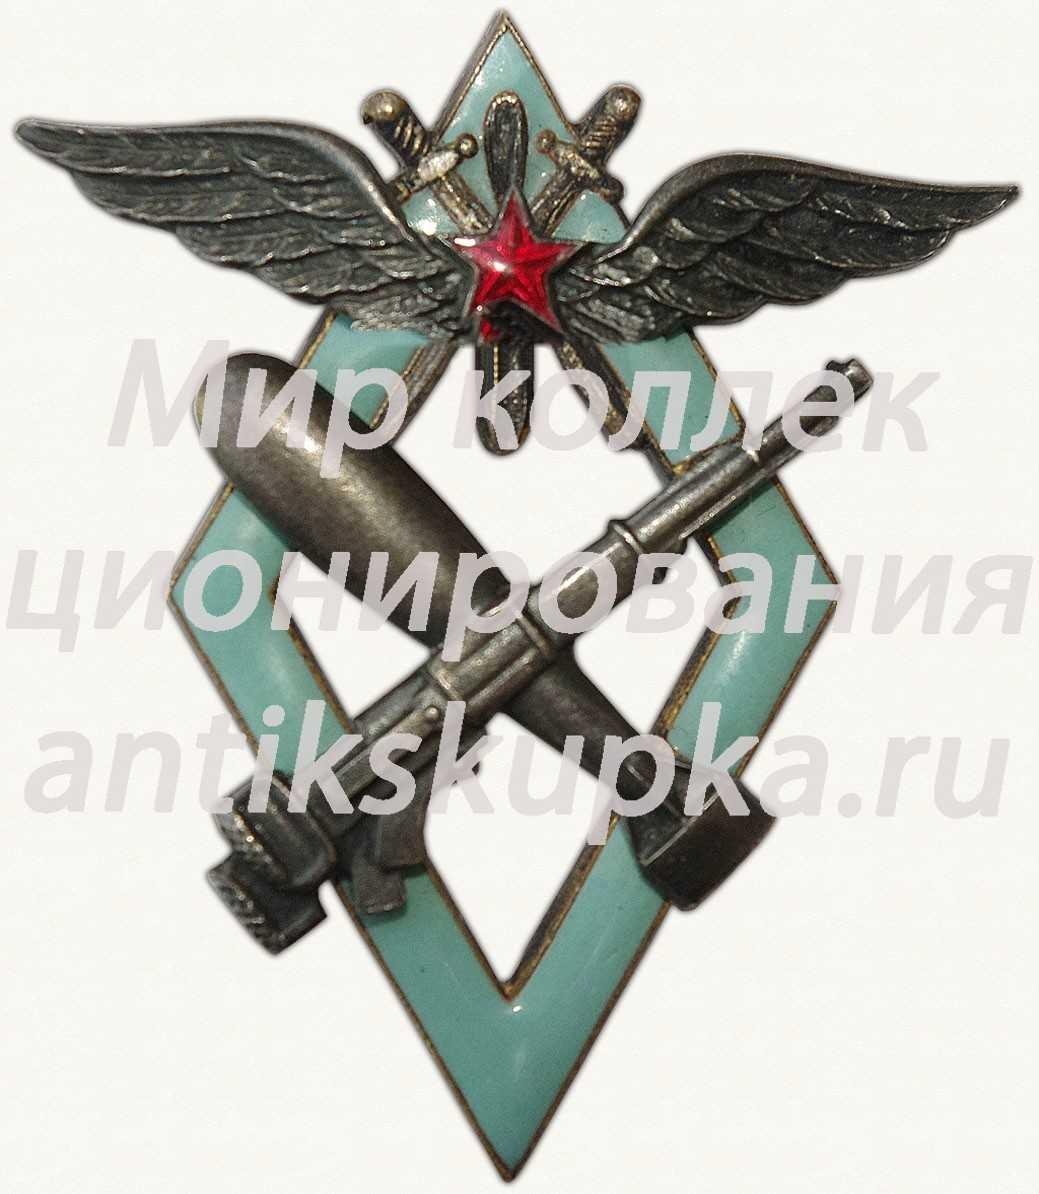 Знак «Летчик наблюдатель и штурман военных авиационных училищ ВВС РККА» 3